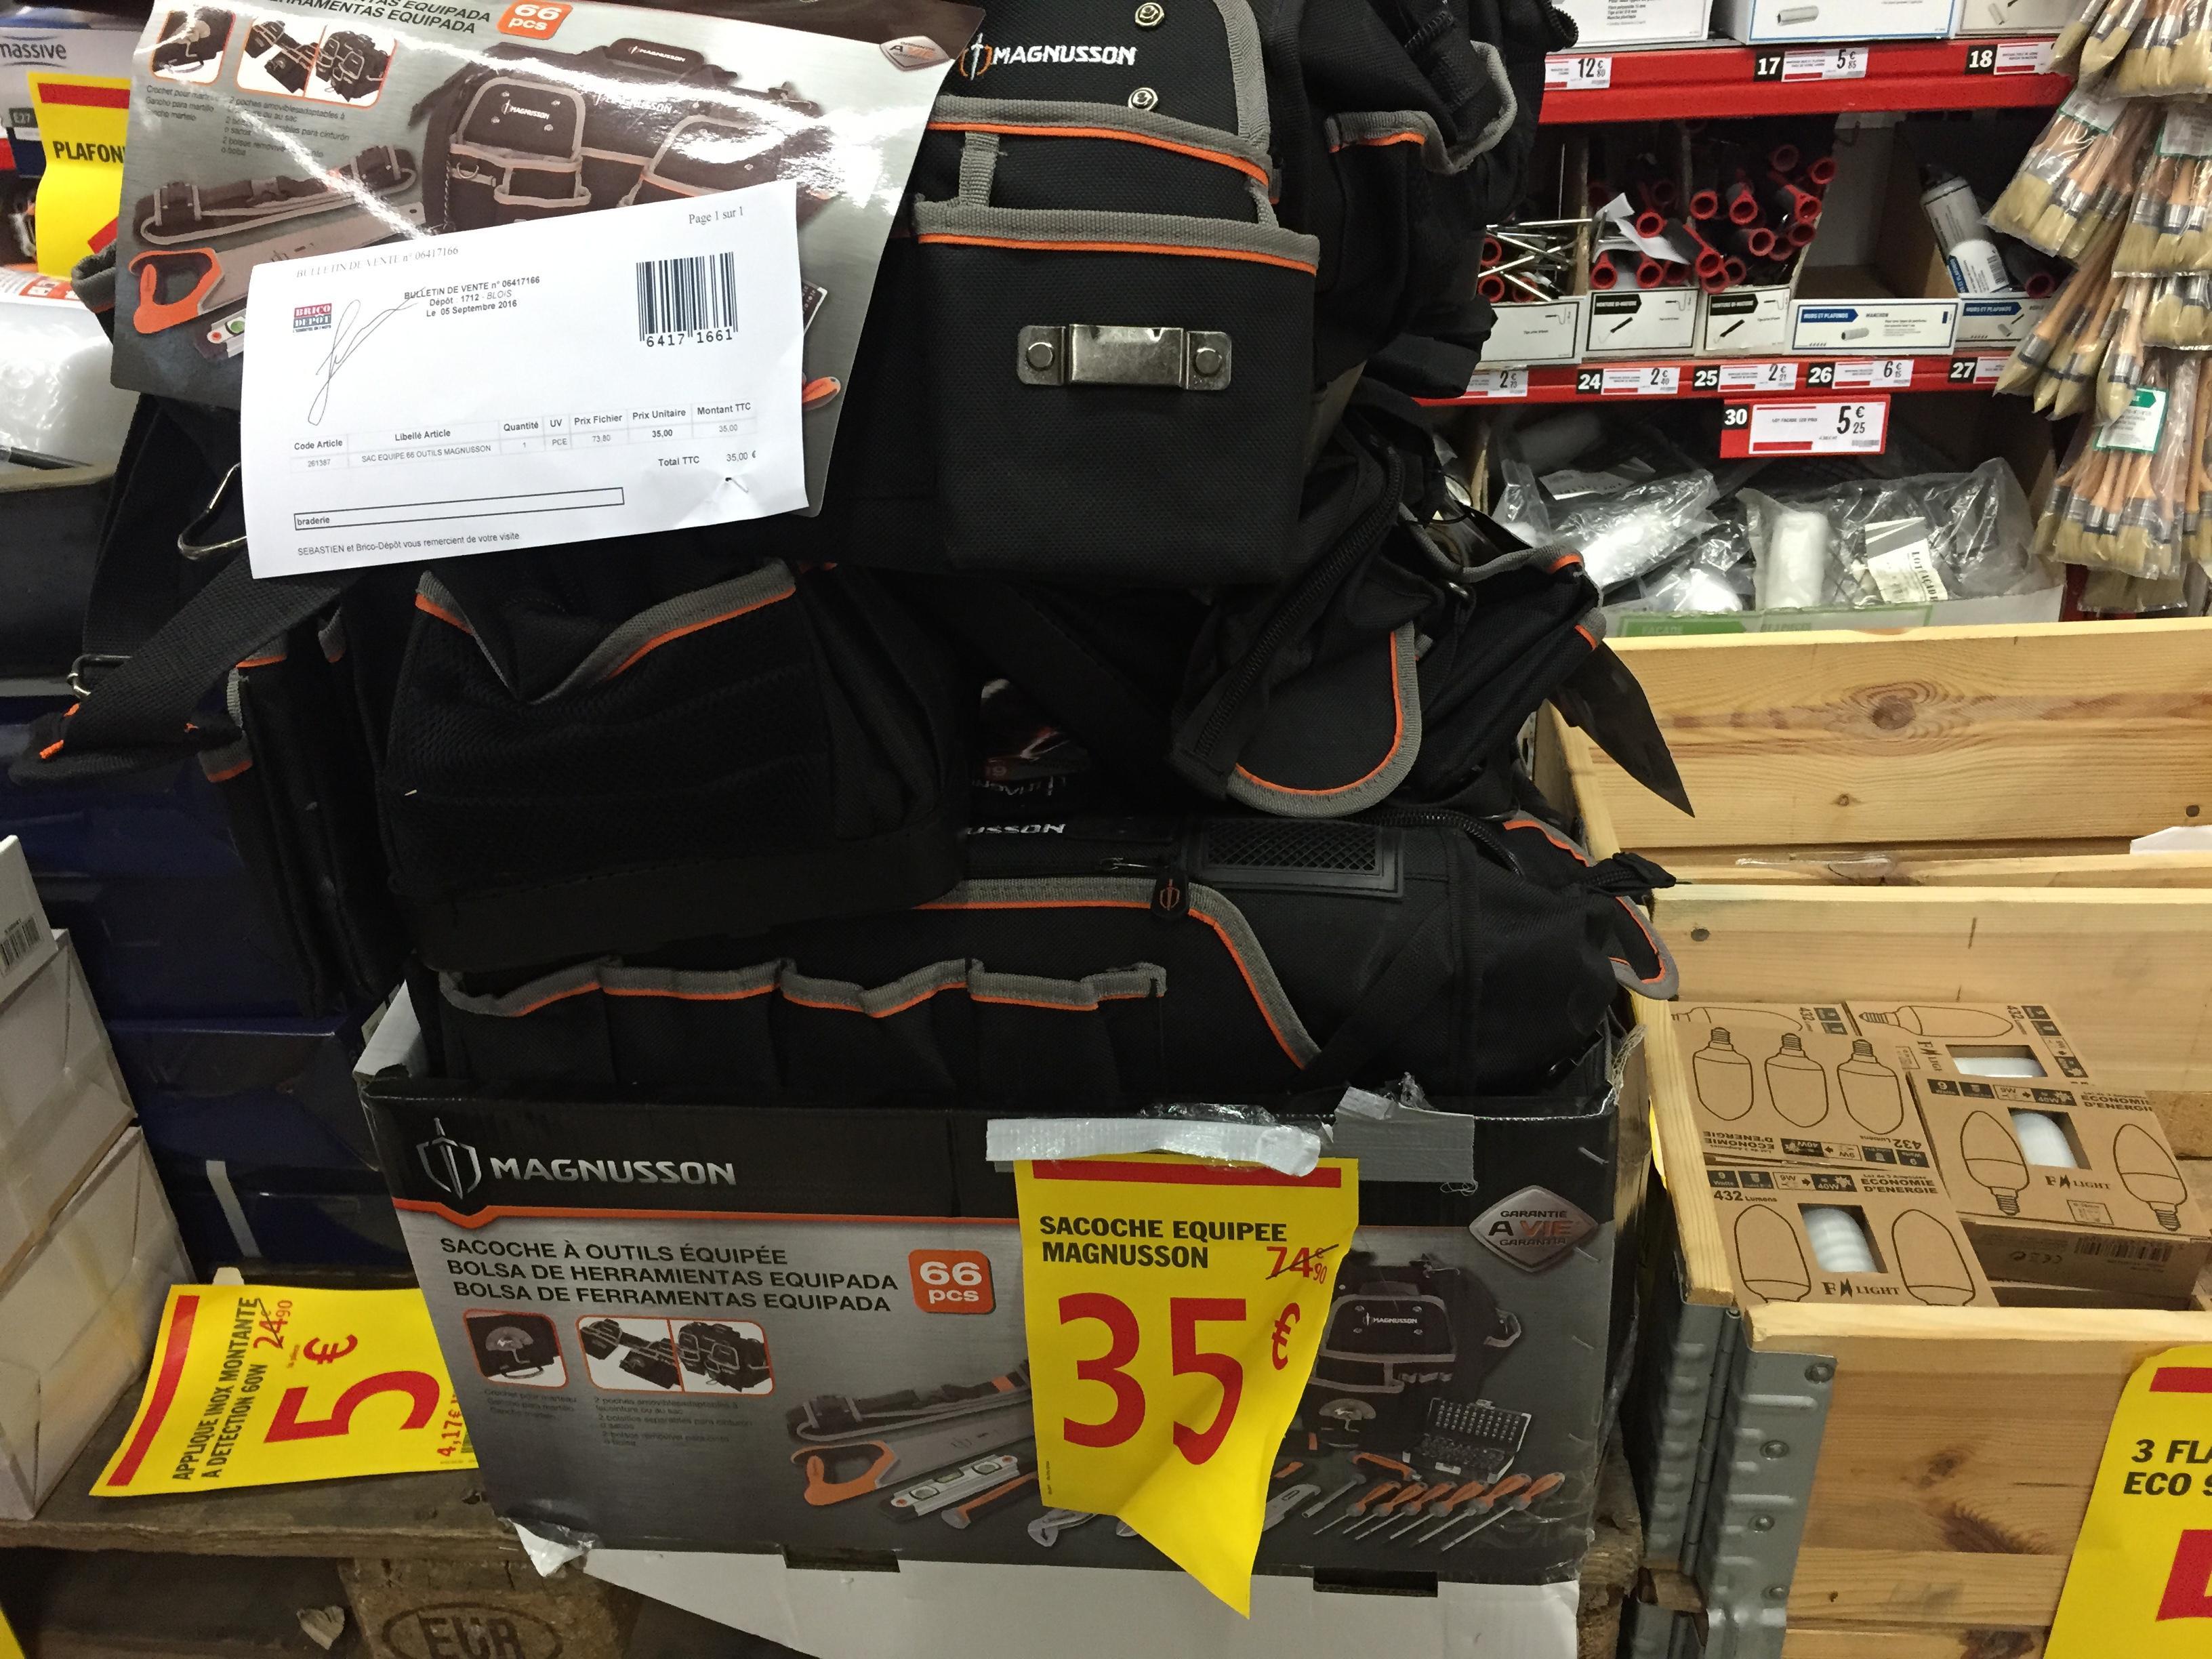 sac outils magnusson 66 pi ces. Black Bedroom Furniture Sets. Home Design Ideas